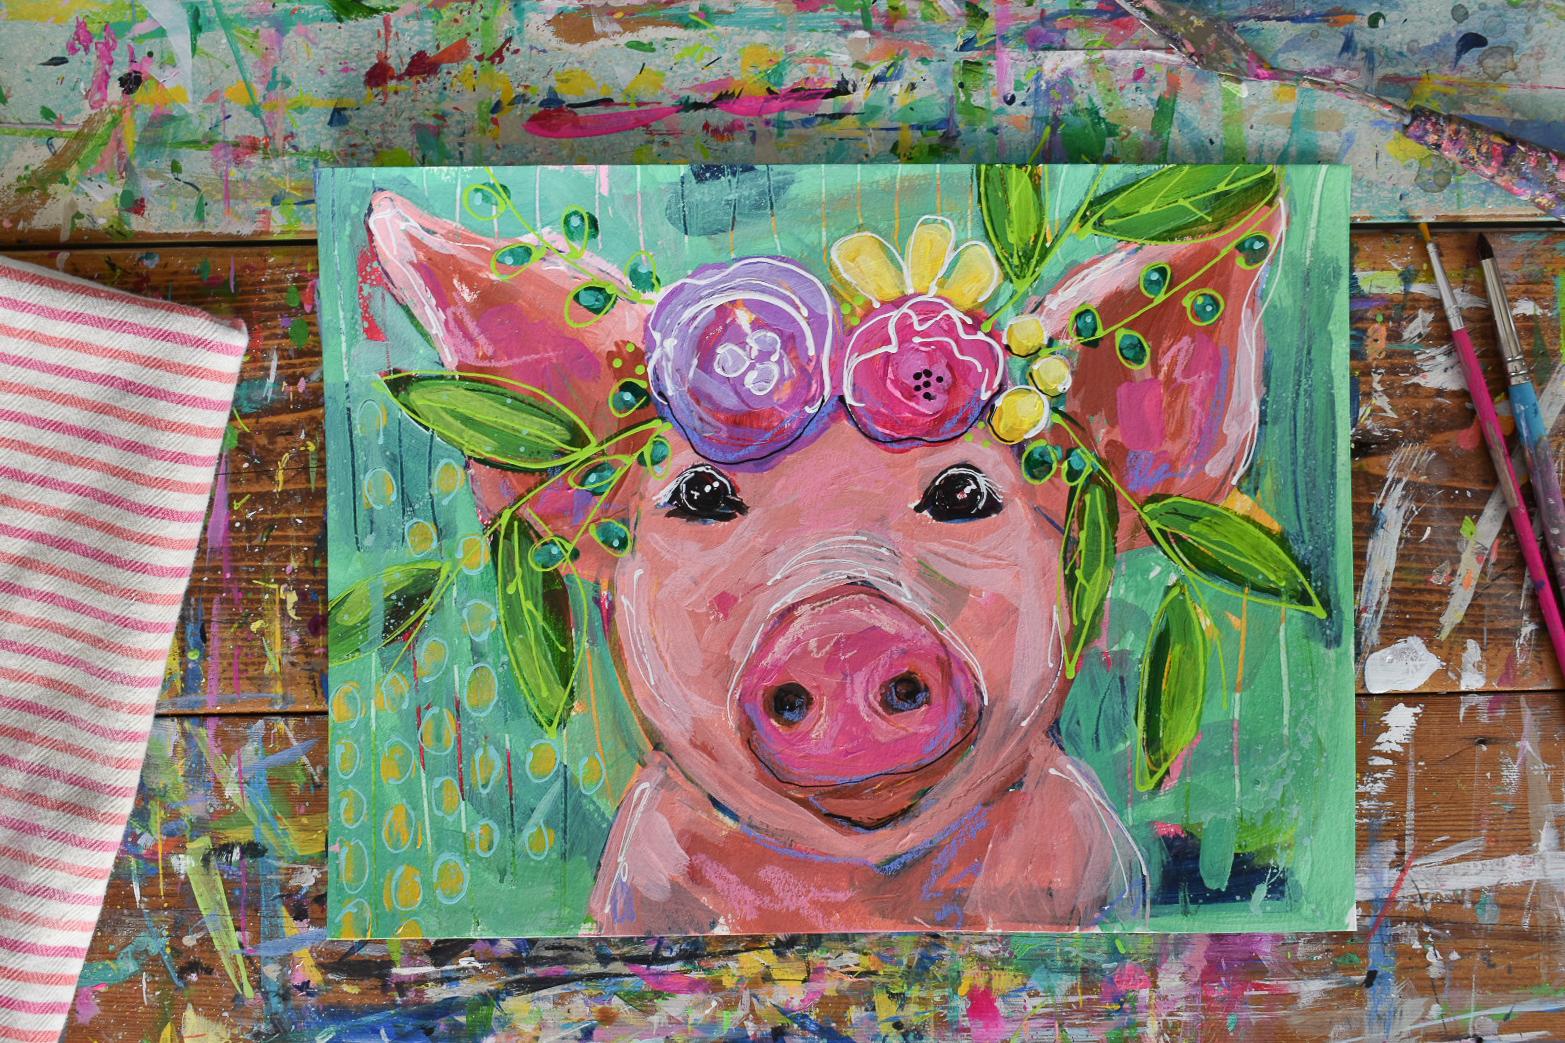 boho_pig_flowercrown_painting_4.jpg